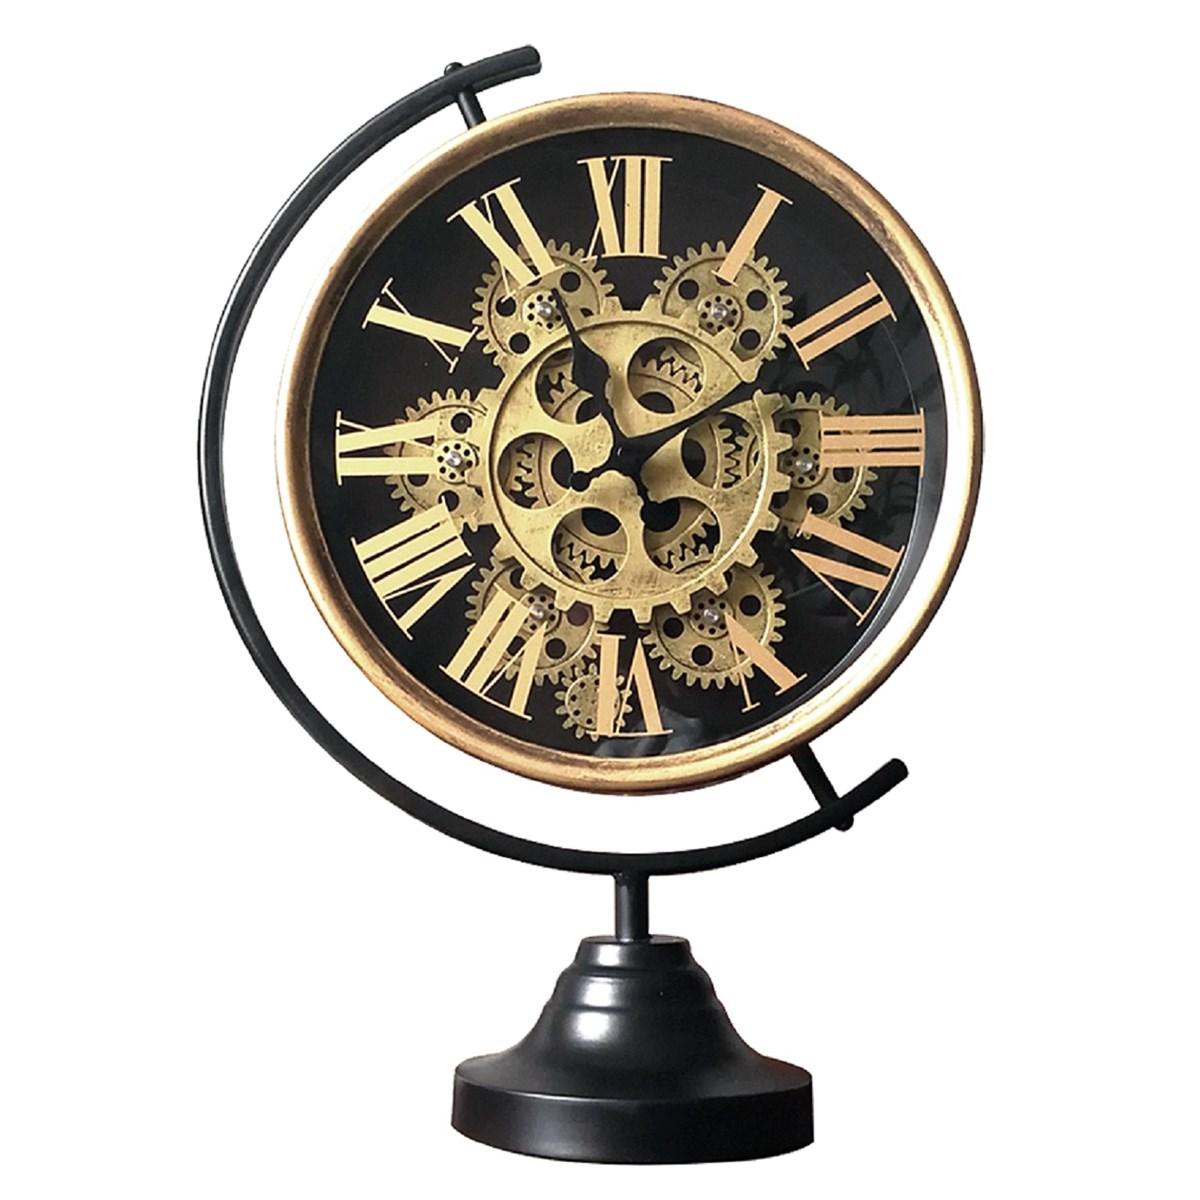 Horloge mécanisme sur pied en métal noir